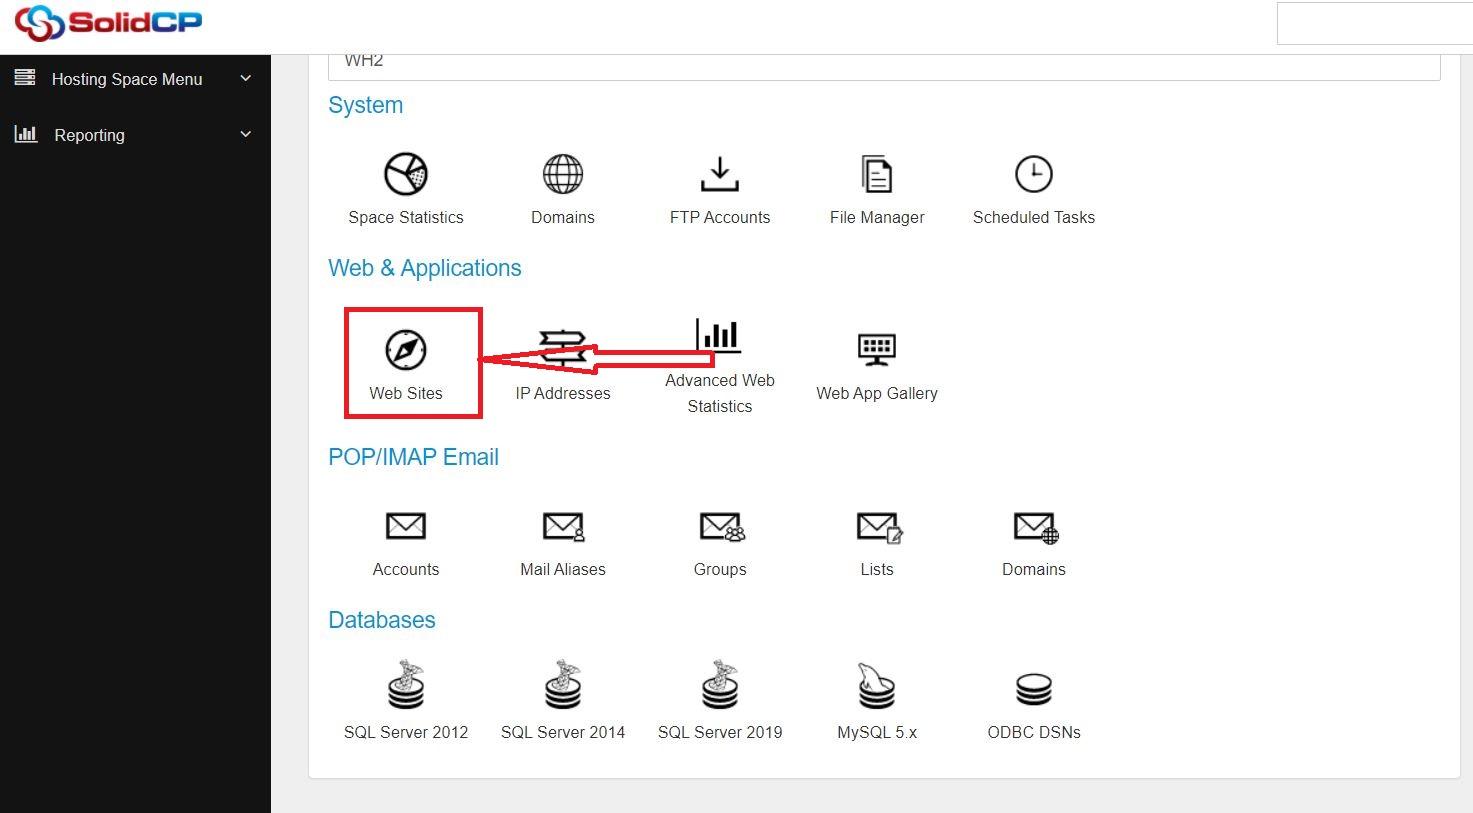 رمز گذاری روی پوشه در SolidCP هاست ویندوز